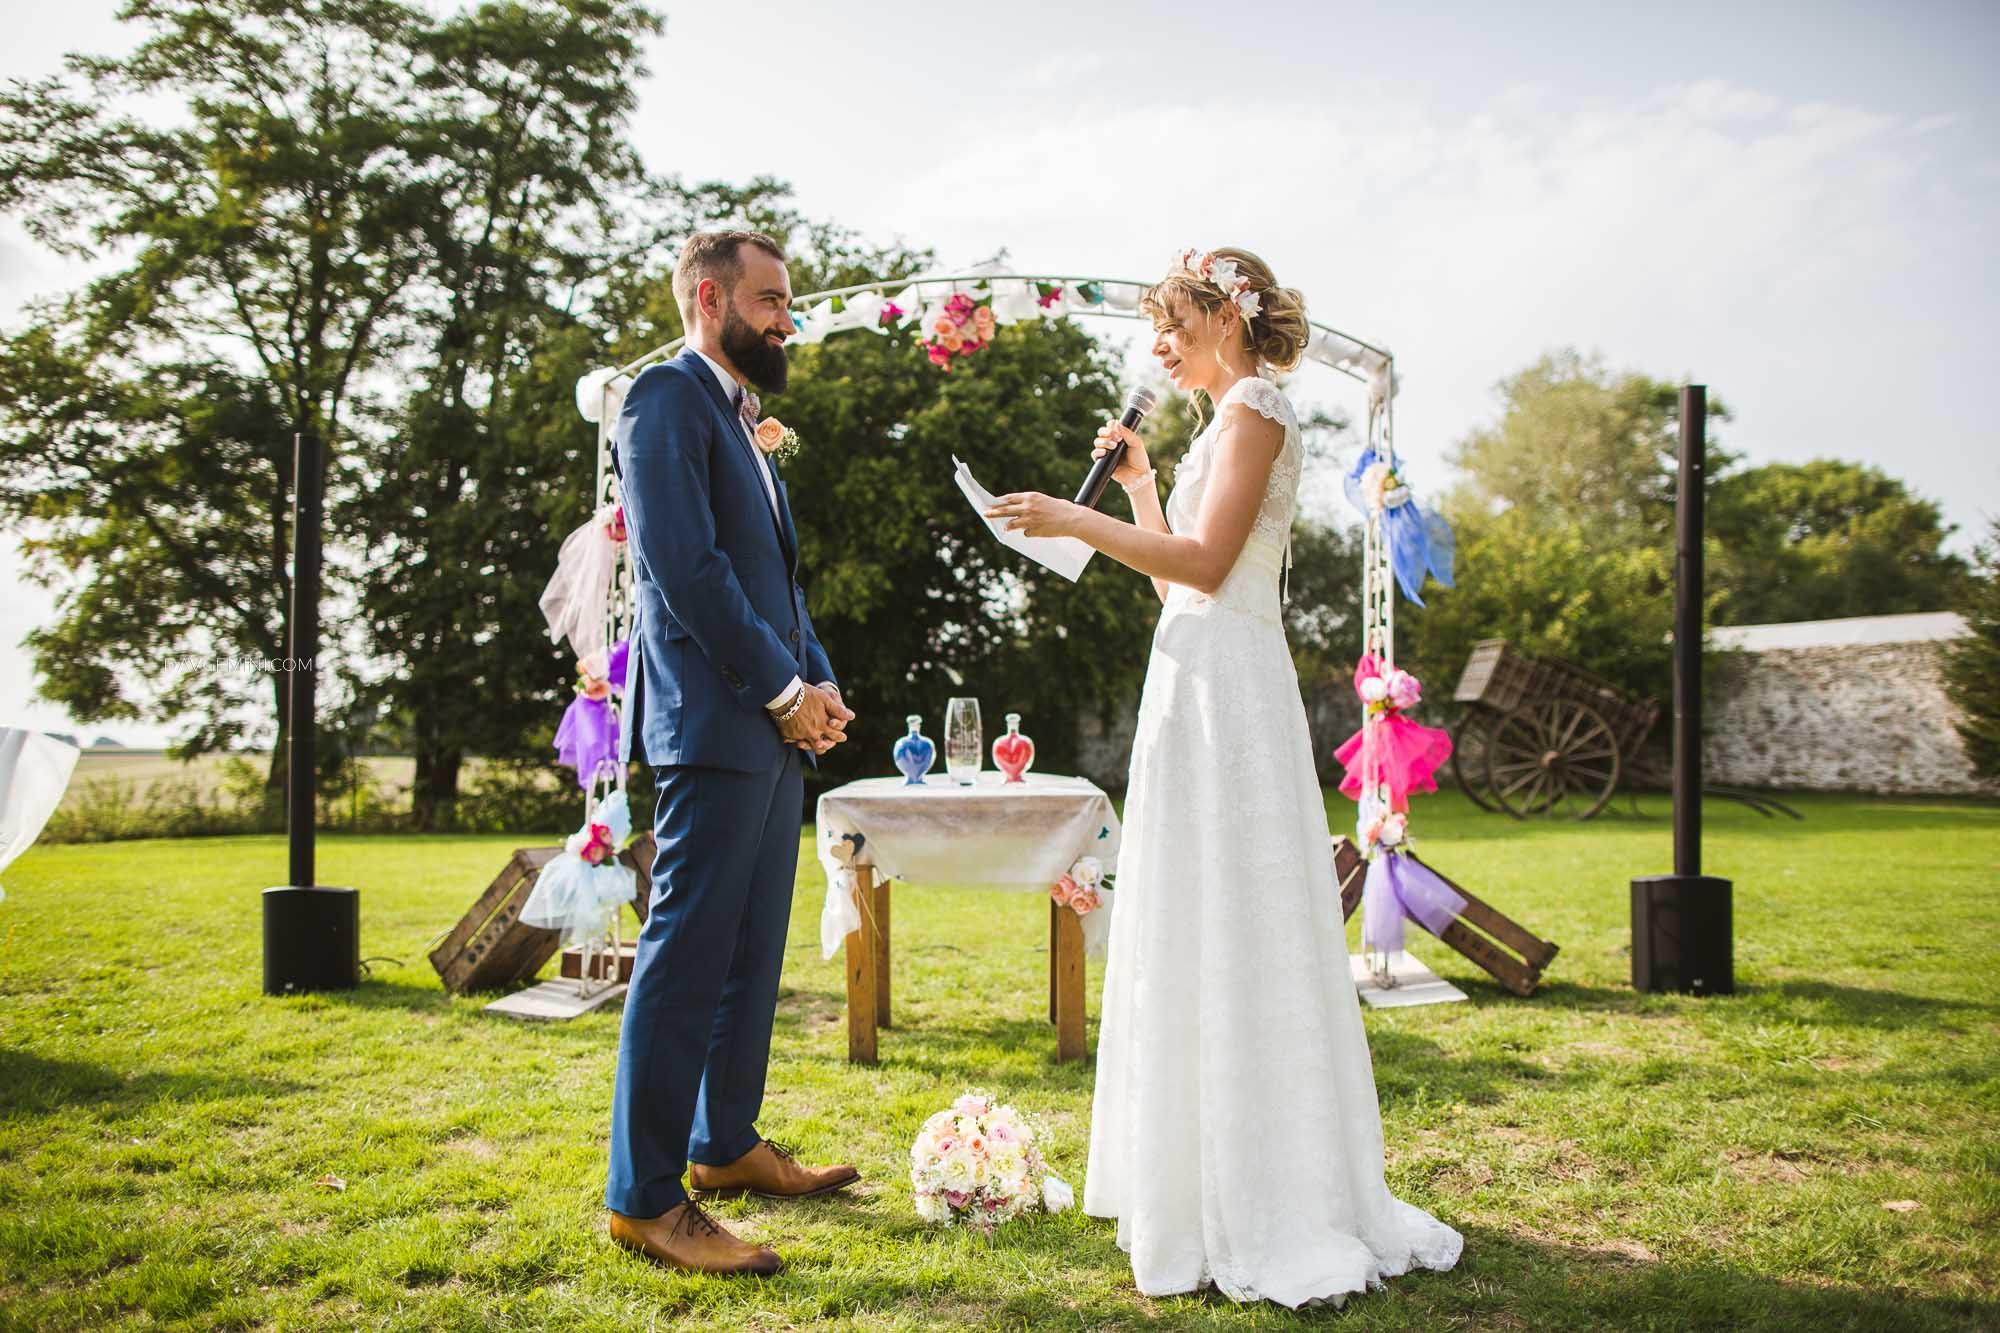 Oui je le veux, engagement des mariés / Crédit photo: David Gemini